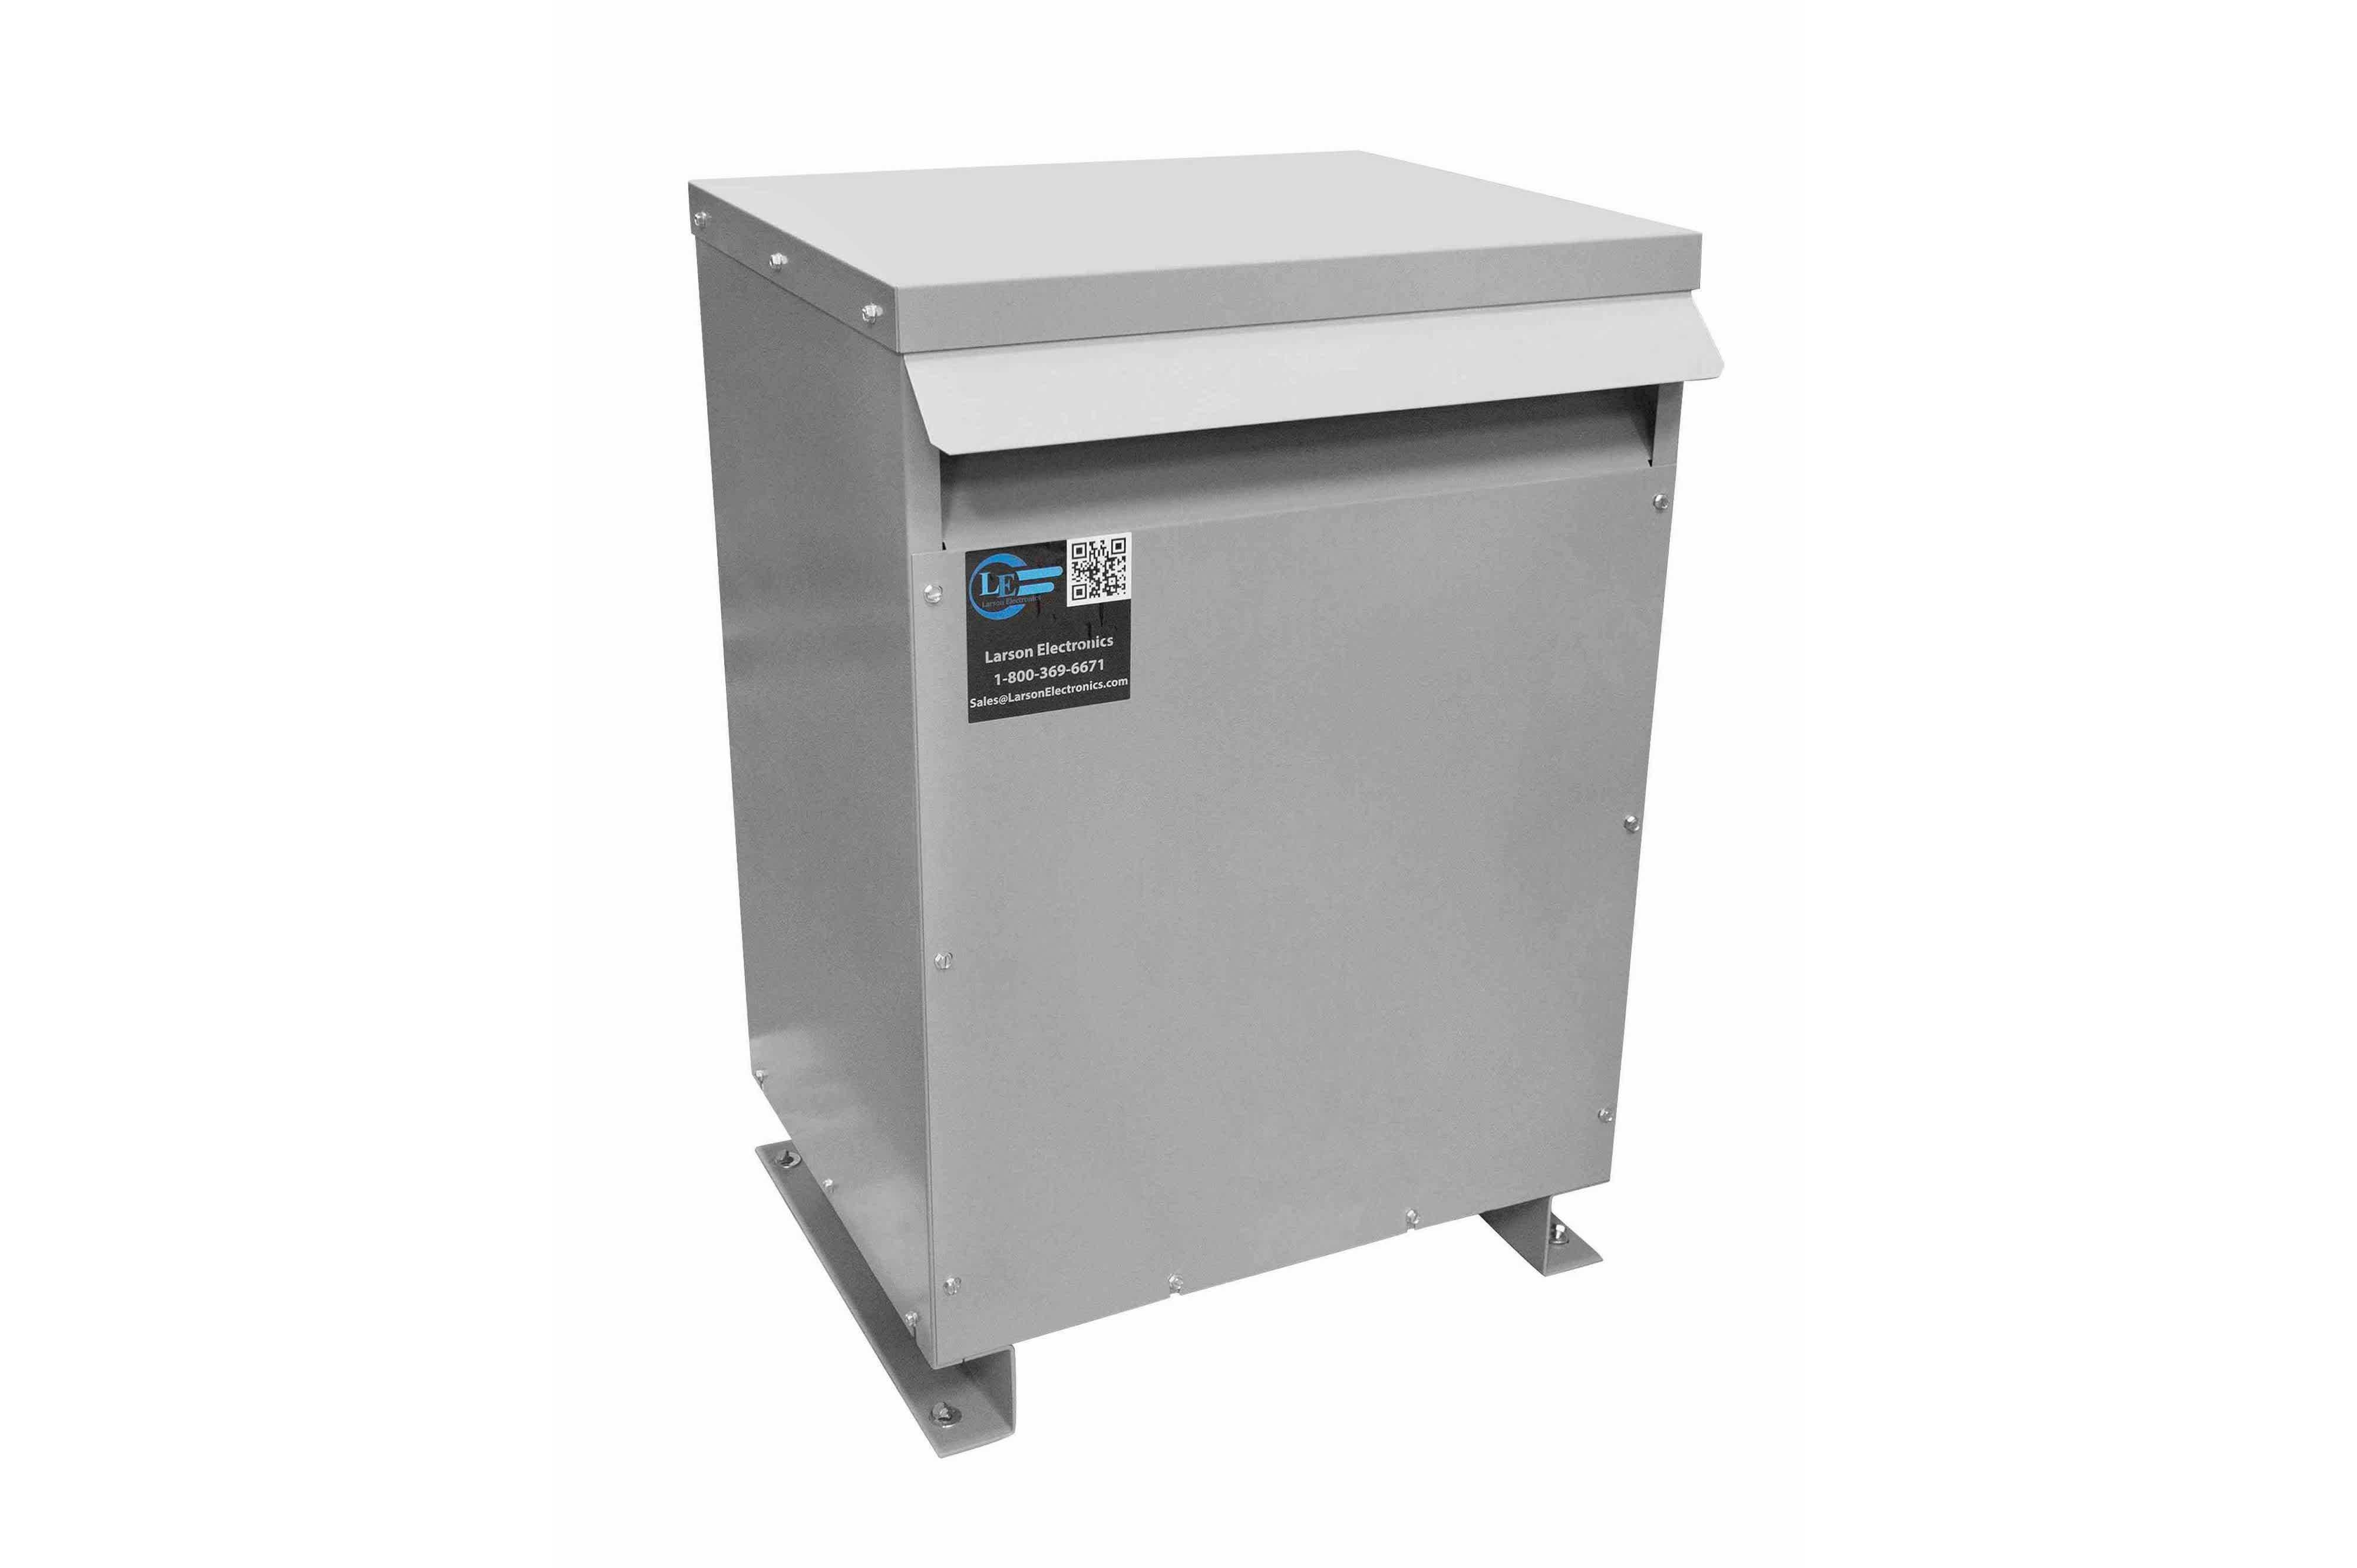 500 kVA 3PH DOE Transformer, 600V Delta Primary, 240V/120 Delta Secondary, N3R, Ventilated, 60 Hz